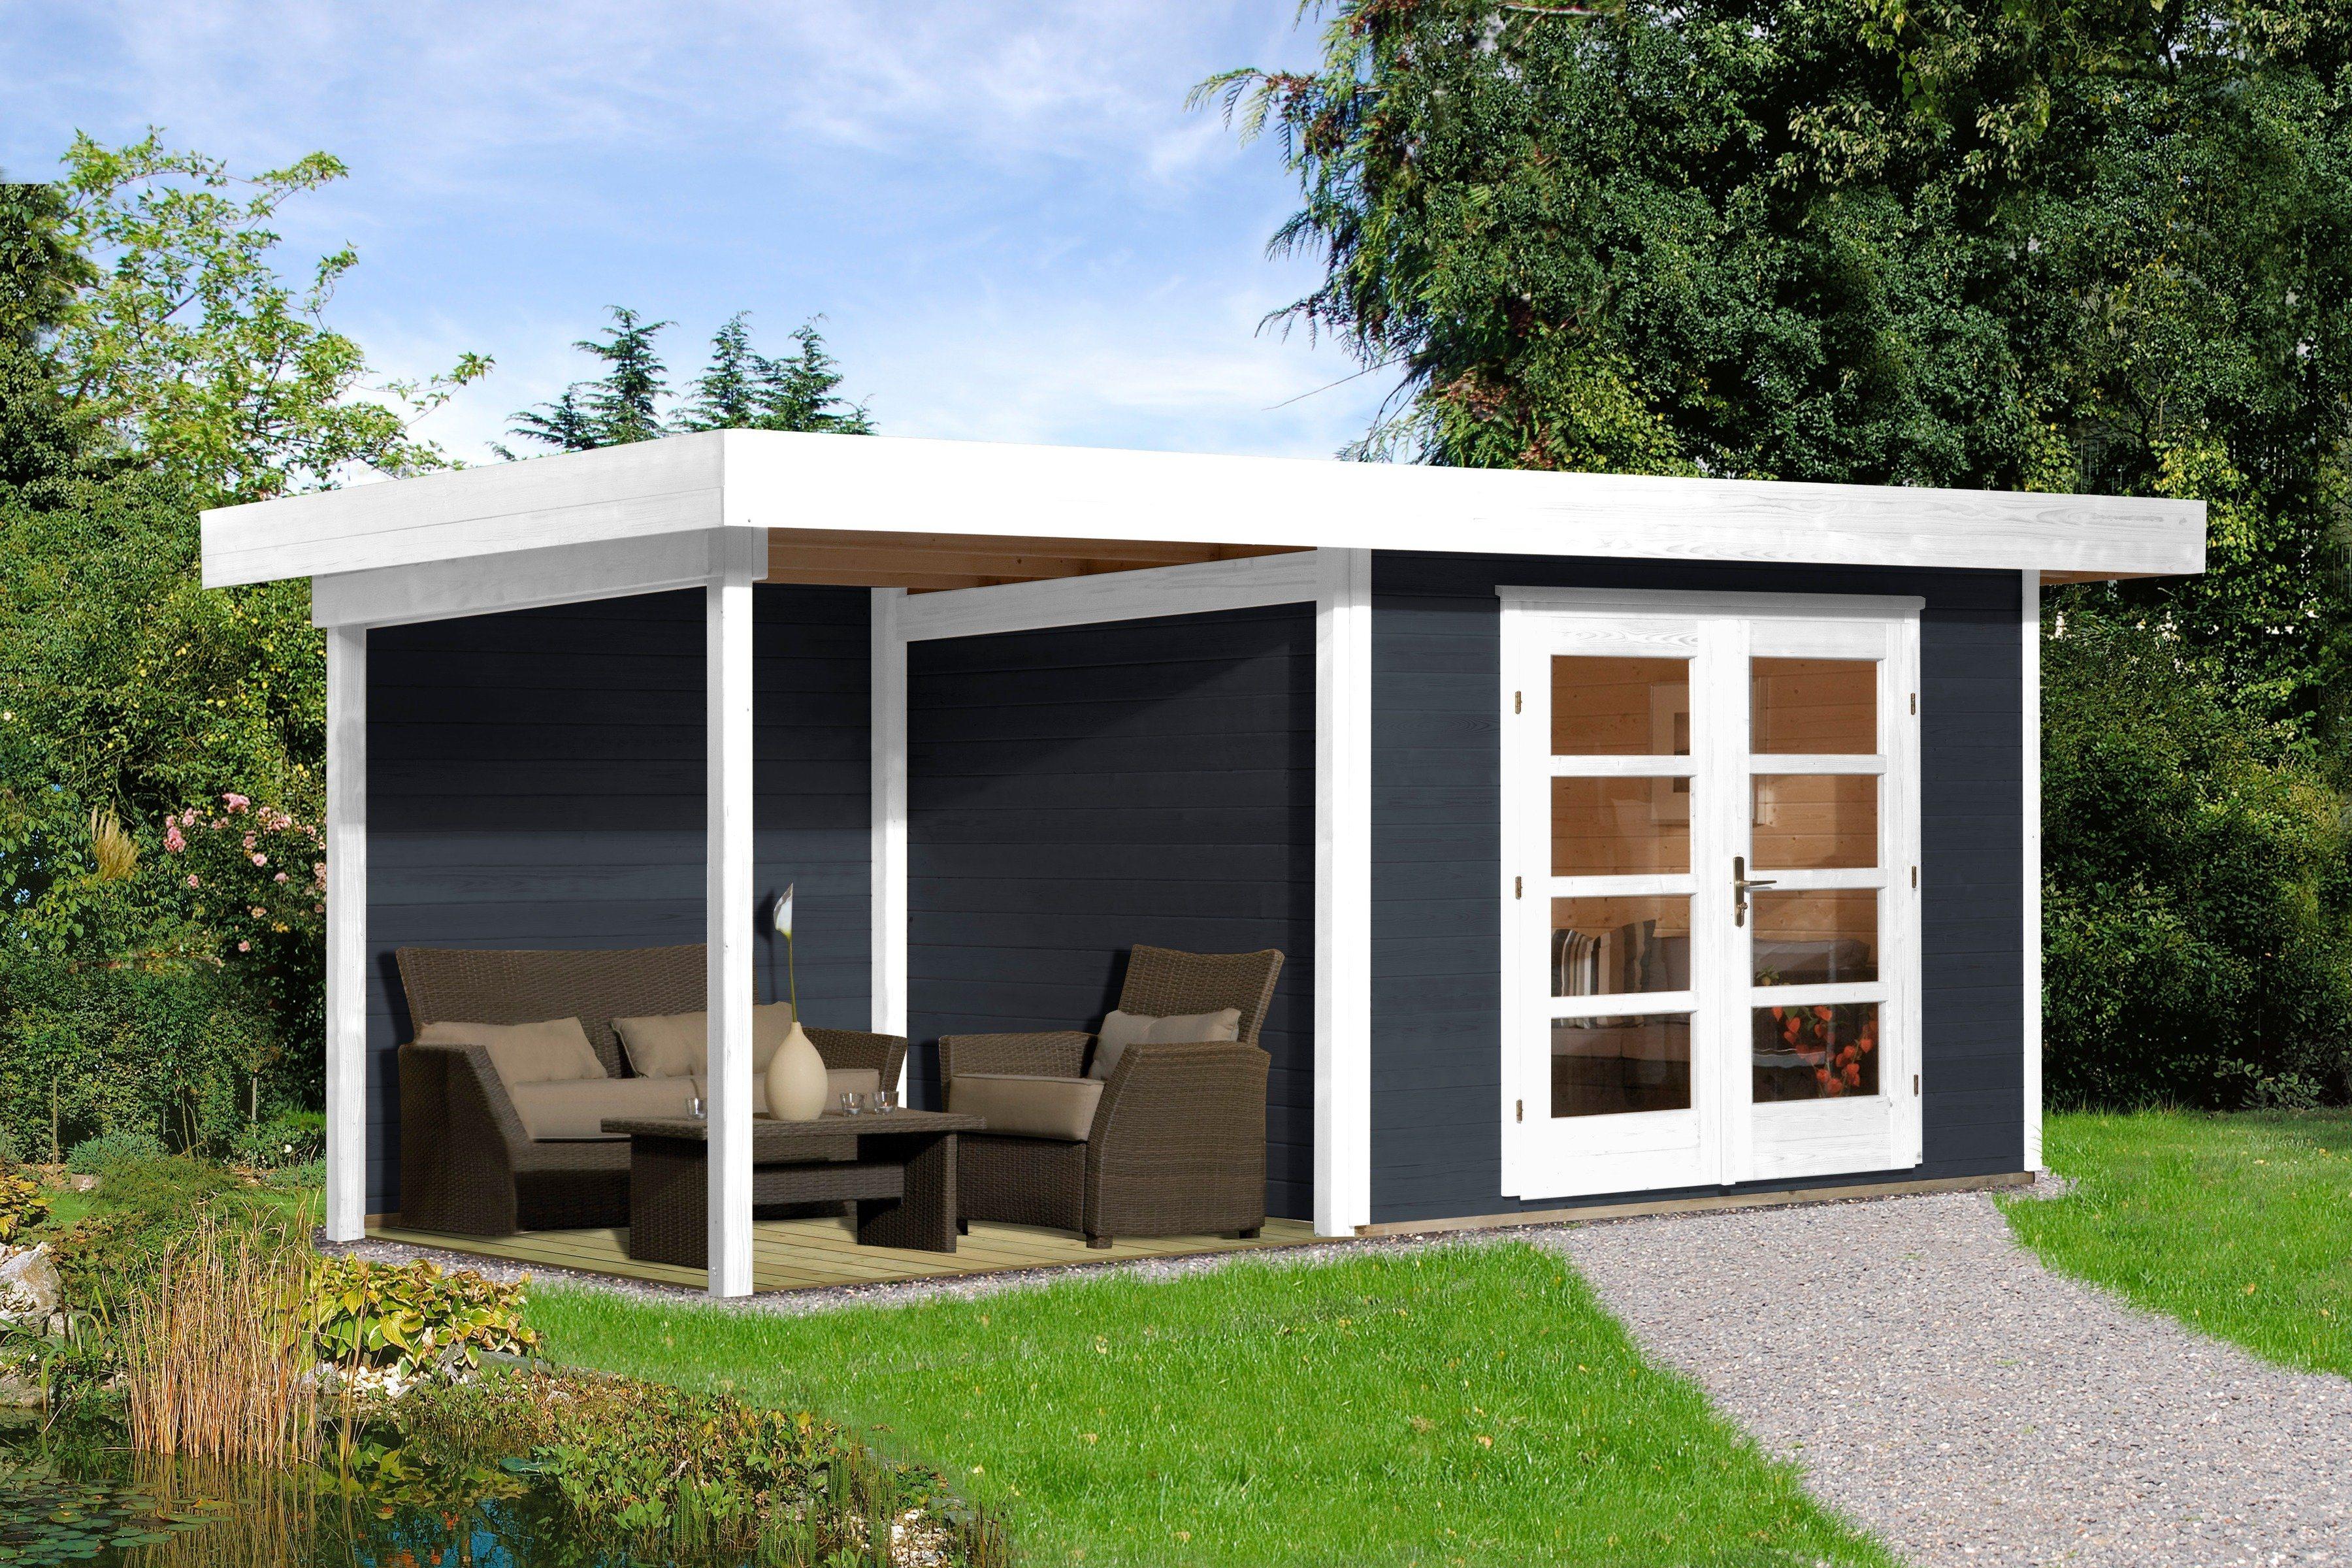 WEKA Gartenhaus »Chillout«, BxT: 586x314 cm, inkl. Fußboden, in 2 Farben | Garten > Gartenhäuser | Farbig | weka